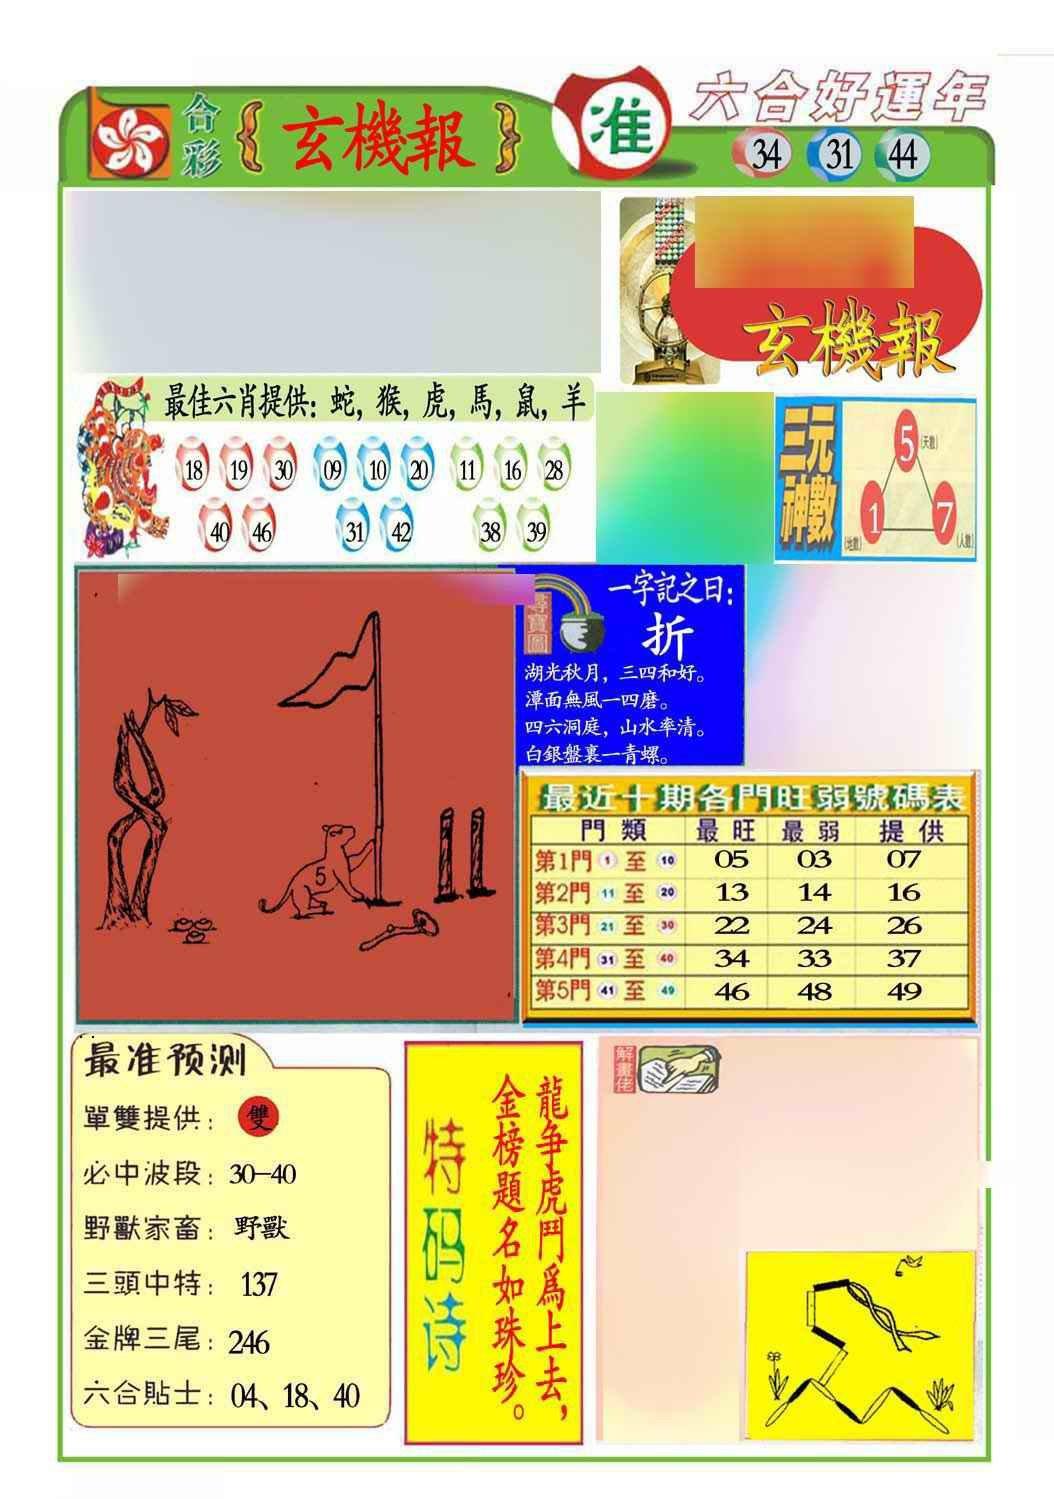 067期马经玄机报(新图推荐)